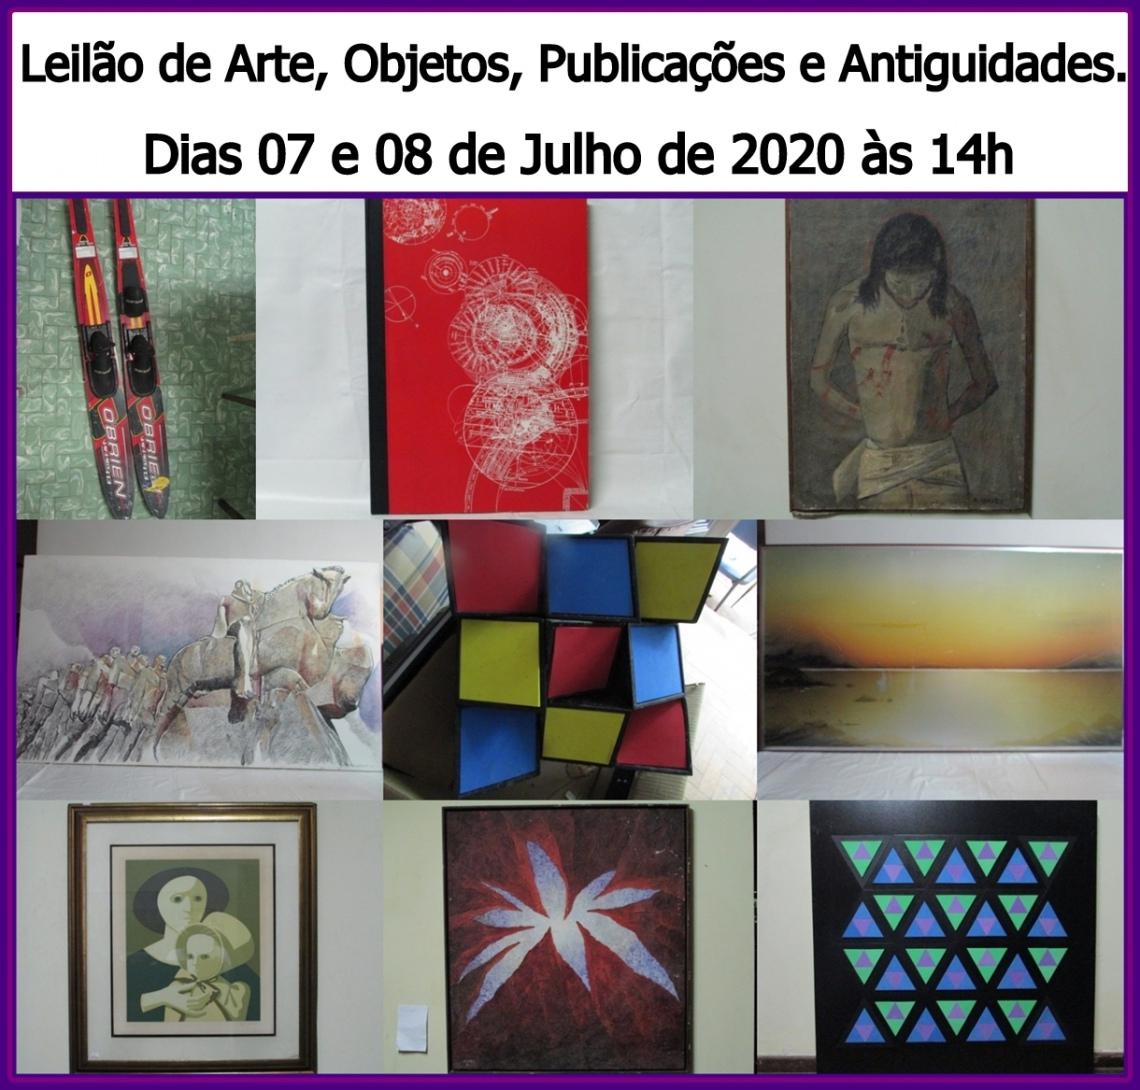 LEILÃO DE ARTE, OBJETOS, PUBLICAÇÕES (livros, gibis, revistas, e outras...) E ANTIGUIDADES